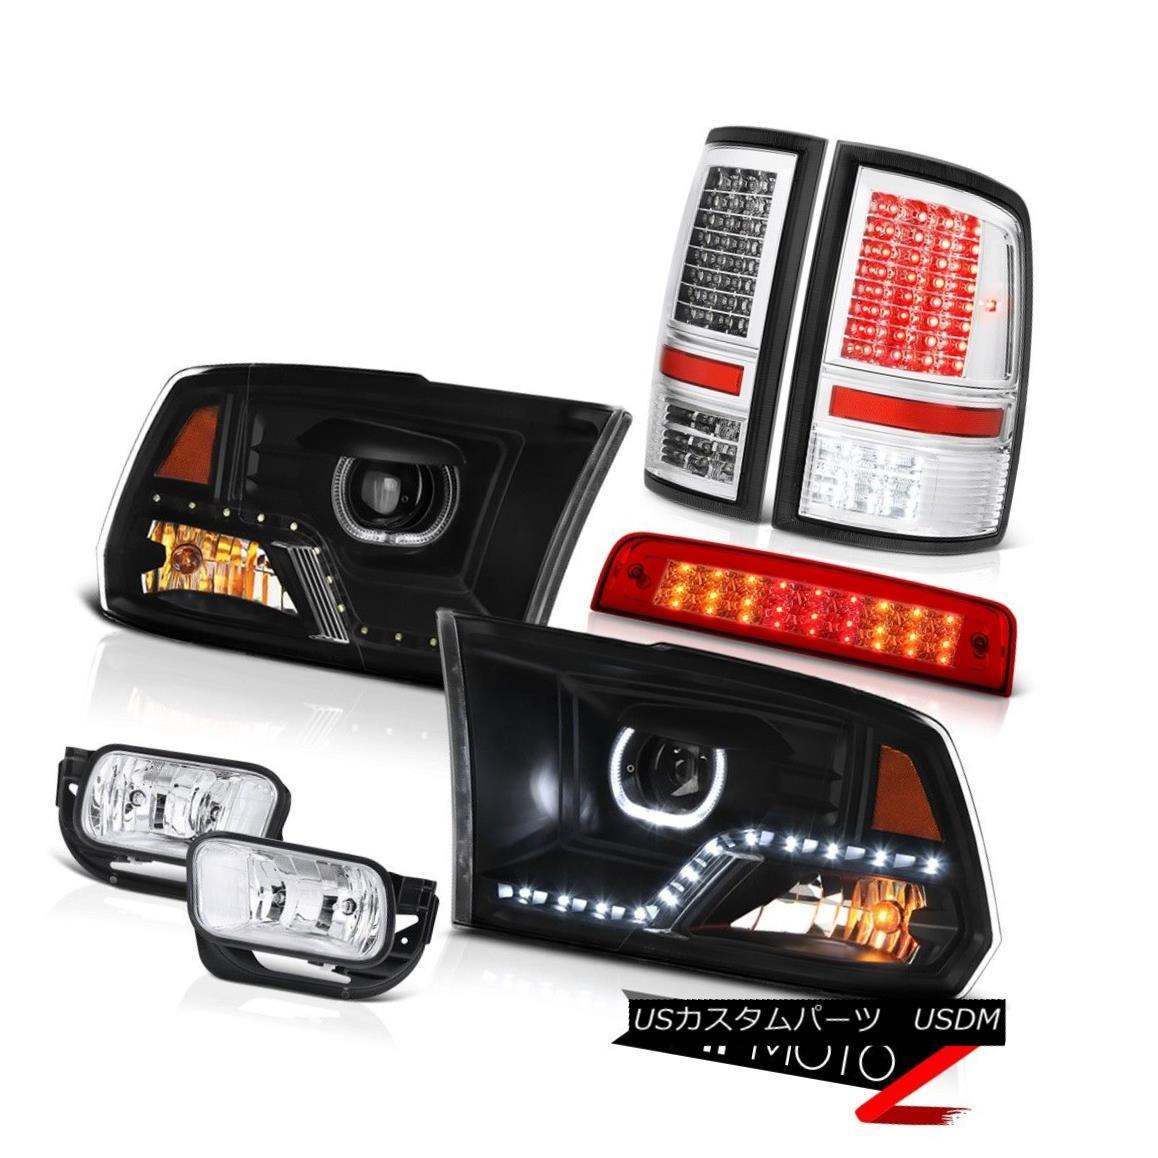 テールライト 09-13 Dodge RAM 1500 2500 3500 Headlamps Red Brake Light Tail Lights Fog Lamps 09-13 Dodge RAM 1500 2500 3500ヘッドライトレッドブレーキライトテールライトフォグランプ